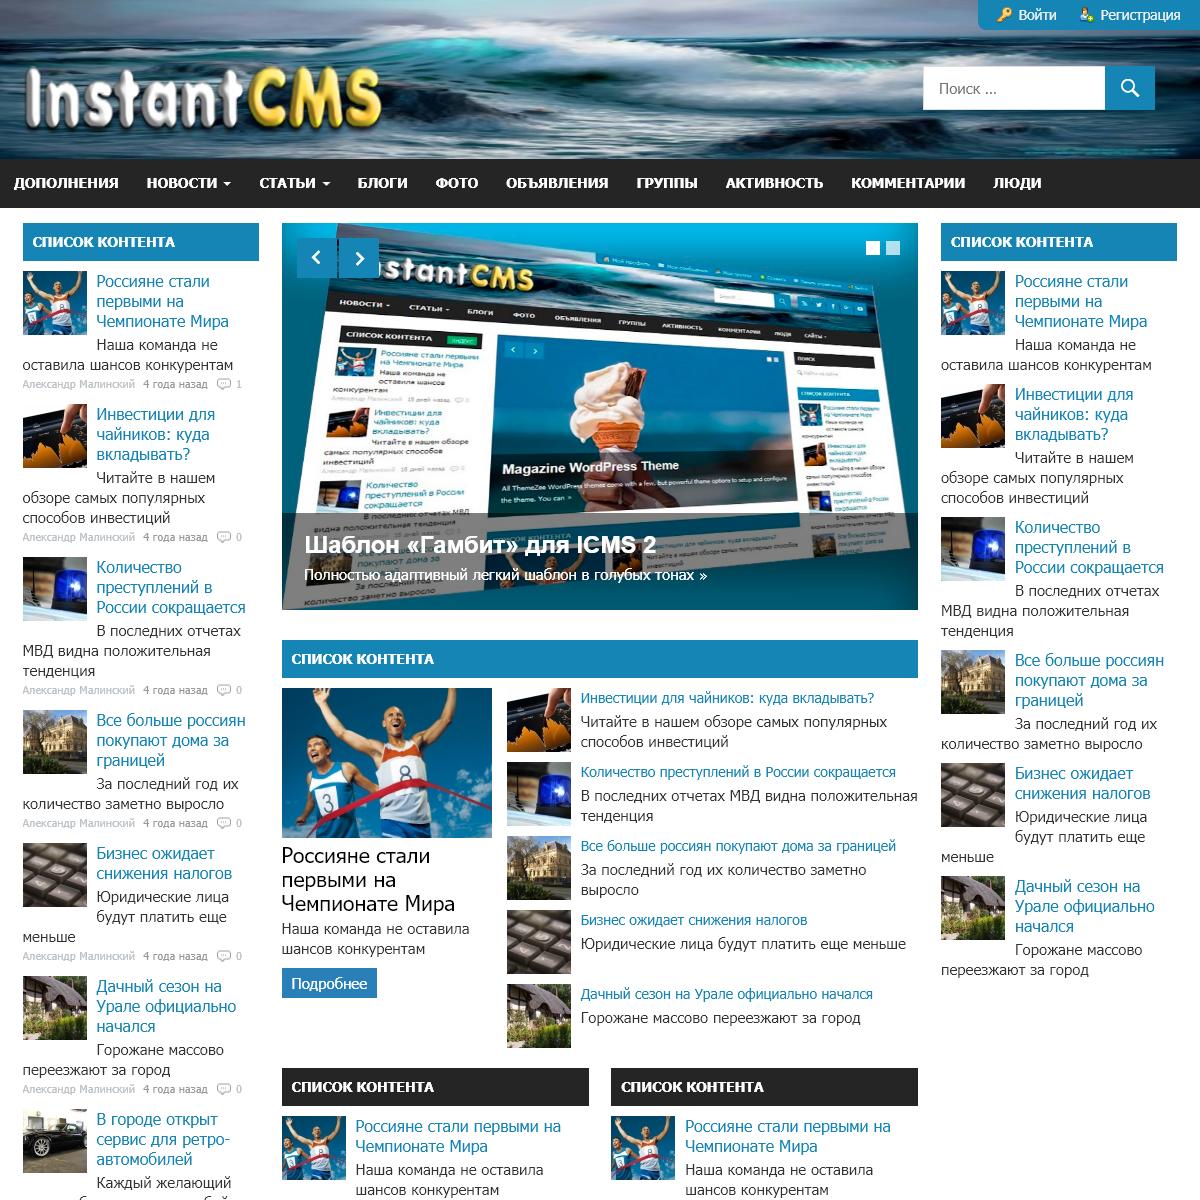 InstantCMS 2 - Дополнения и документация